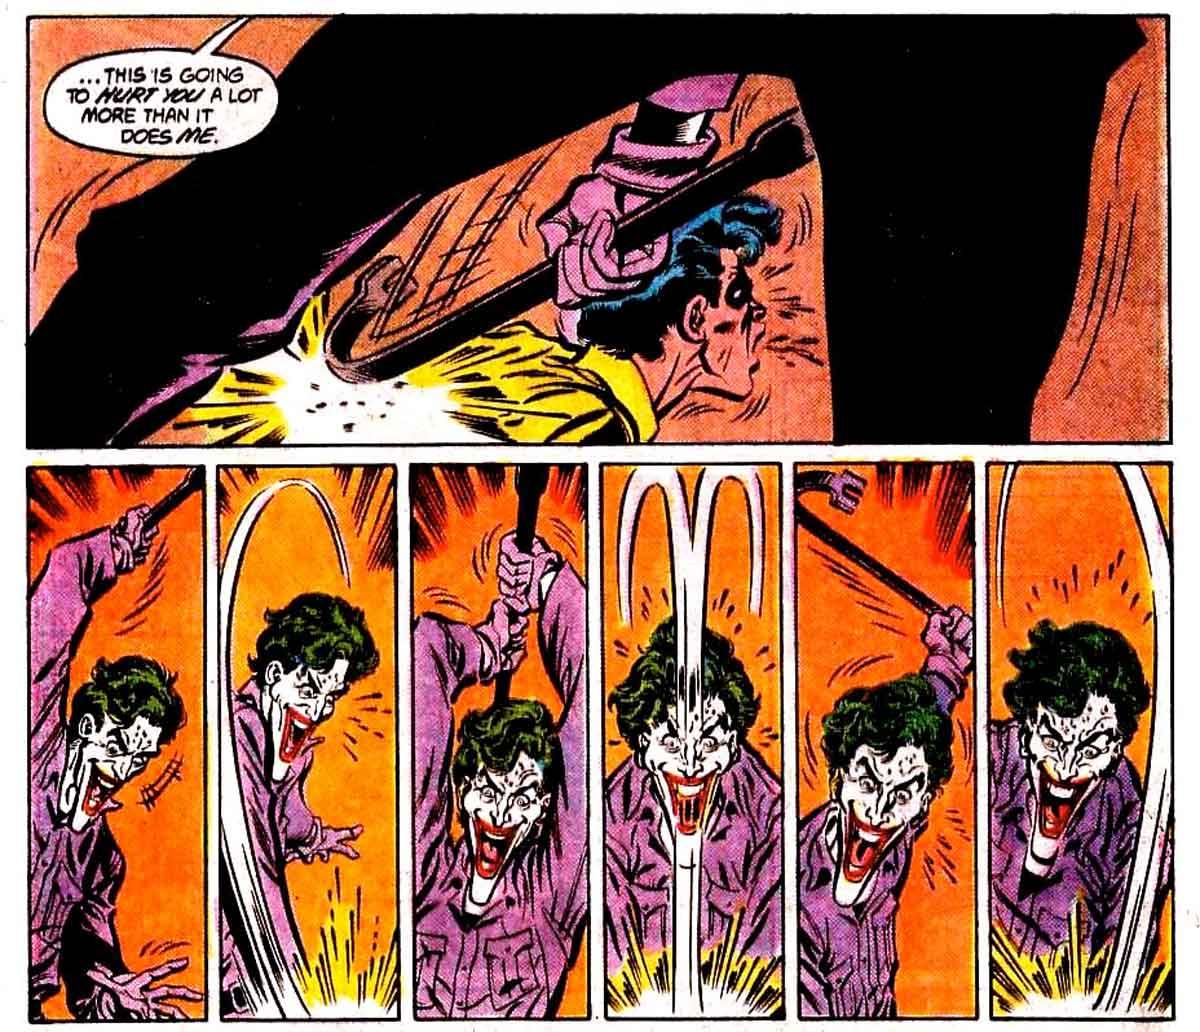 Joker regresa para matar a Nightwing como ya hizo con Robin